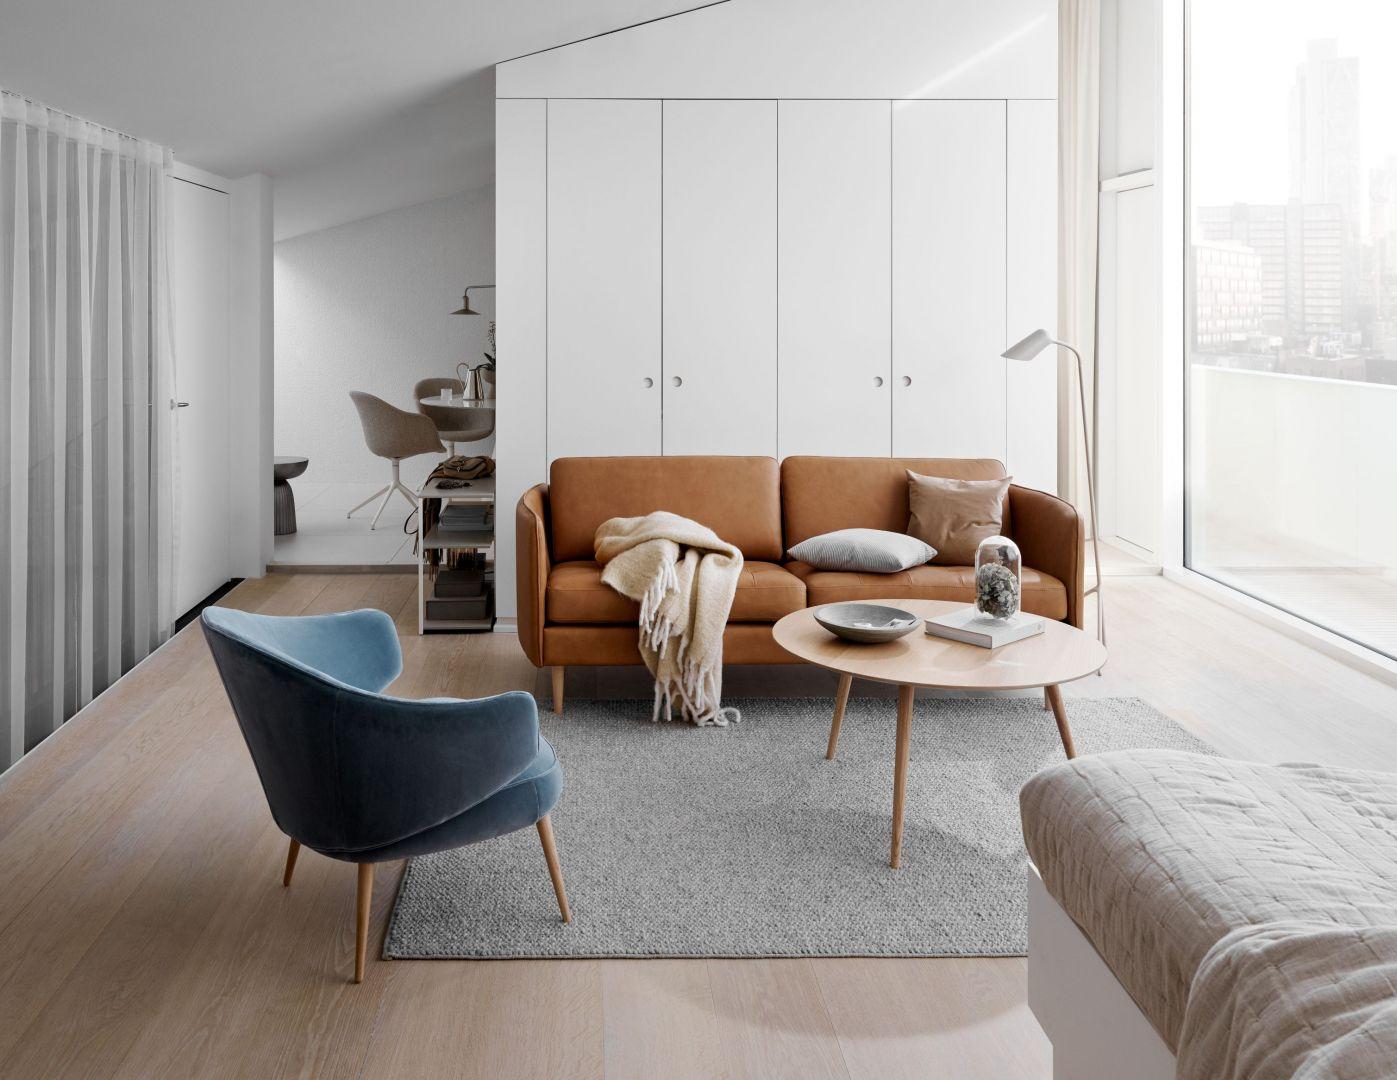 W stworzeniu uspokajającego, sprzyjającego wyciszeniu klimatu oraz spójnej wzorniczo przestrzeni pomocne będą fotele Charlotte i Dublin, sofa Ottawa, sofa i fotel Chelsea, łóżko Oxford, jadalnia i stoliki kawowe Madrid, a także nowe krzesło do jadalni Princeton i stół Kingston. Fot. BoConcept